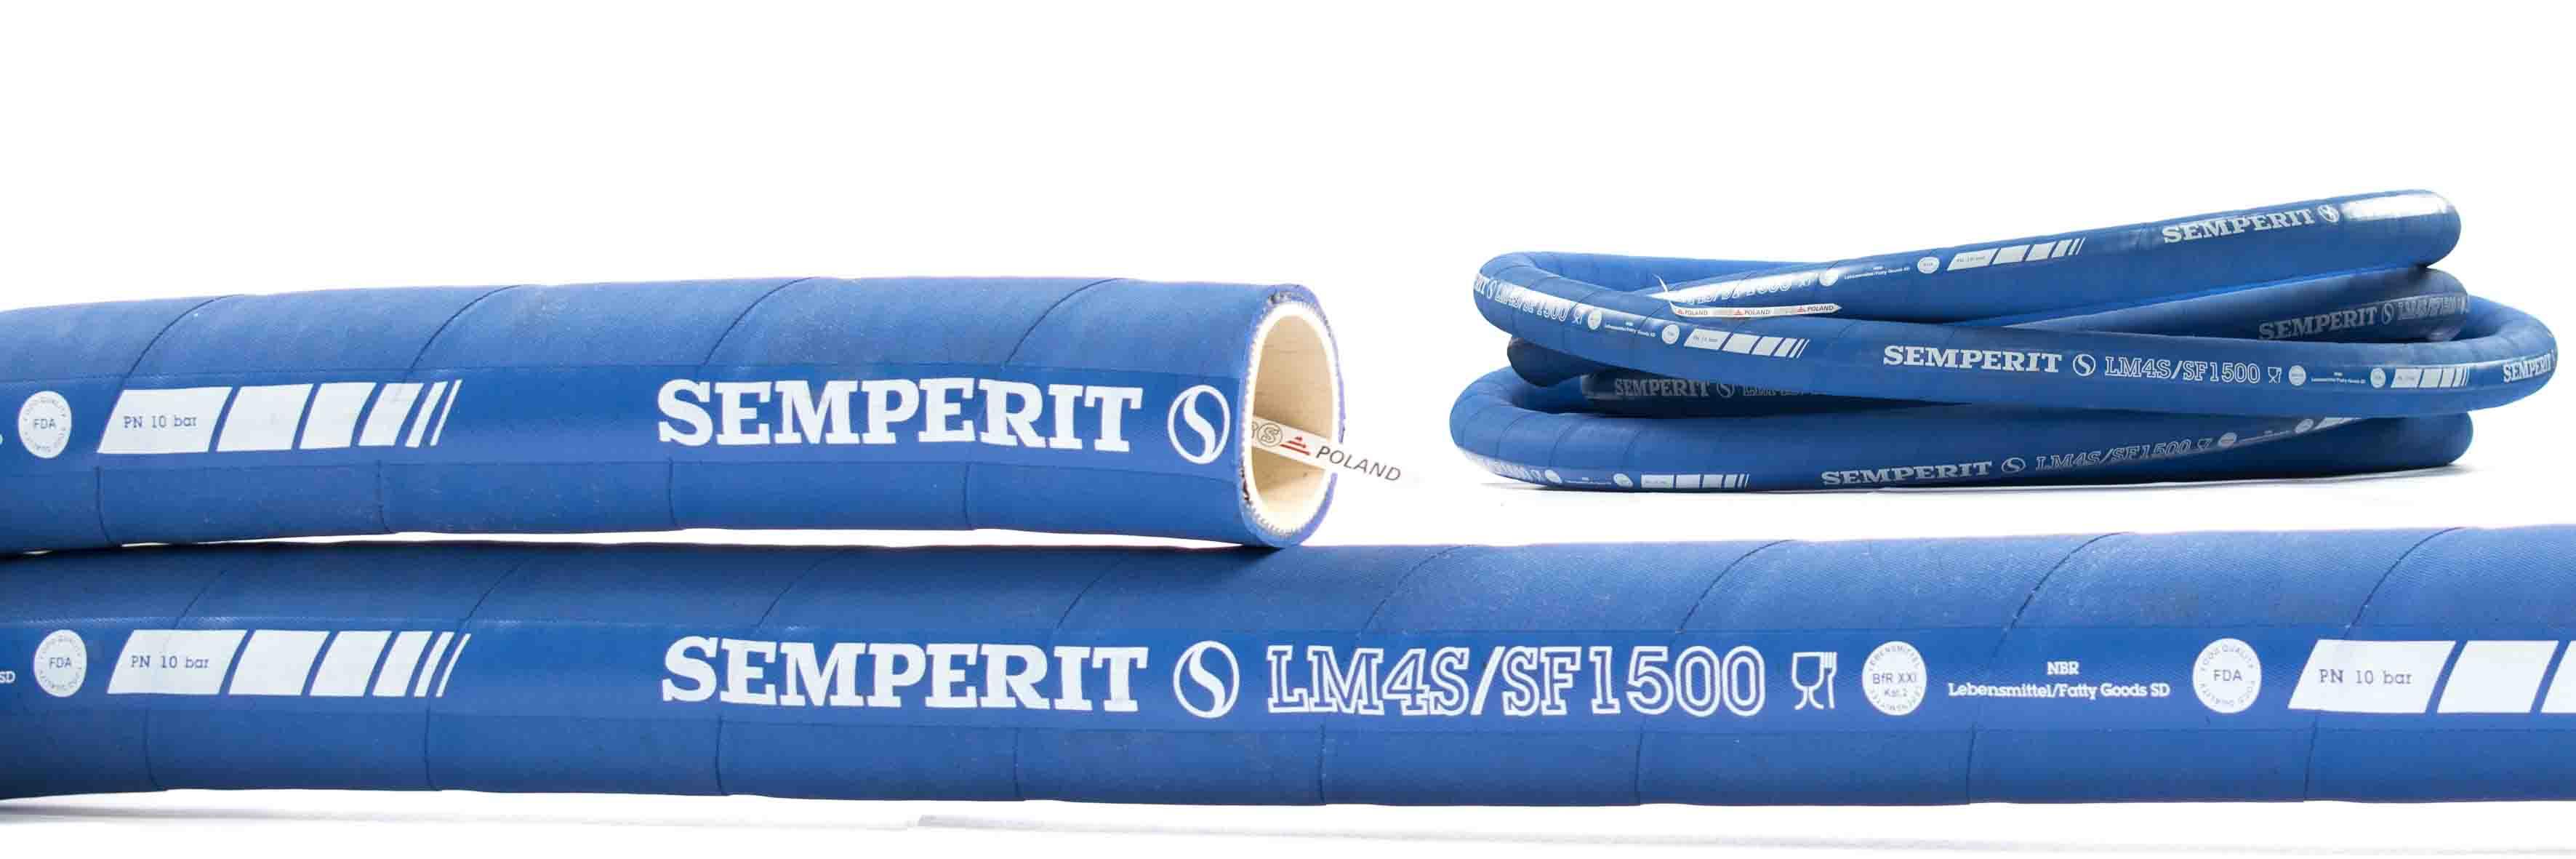 Wąż przemysłowy do substancji spożywczych LM4S 10 bar SEMPERIT